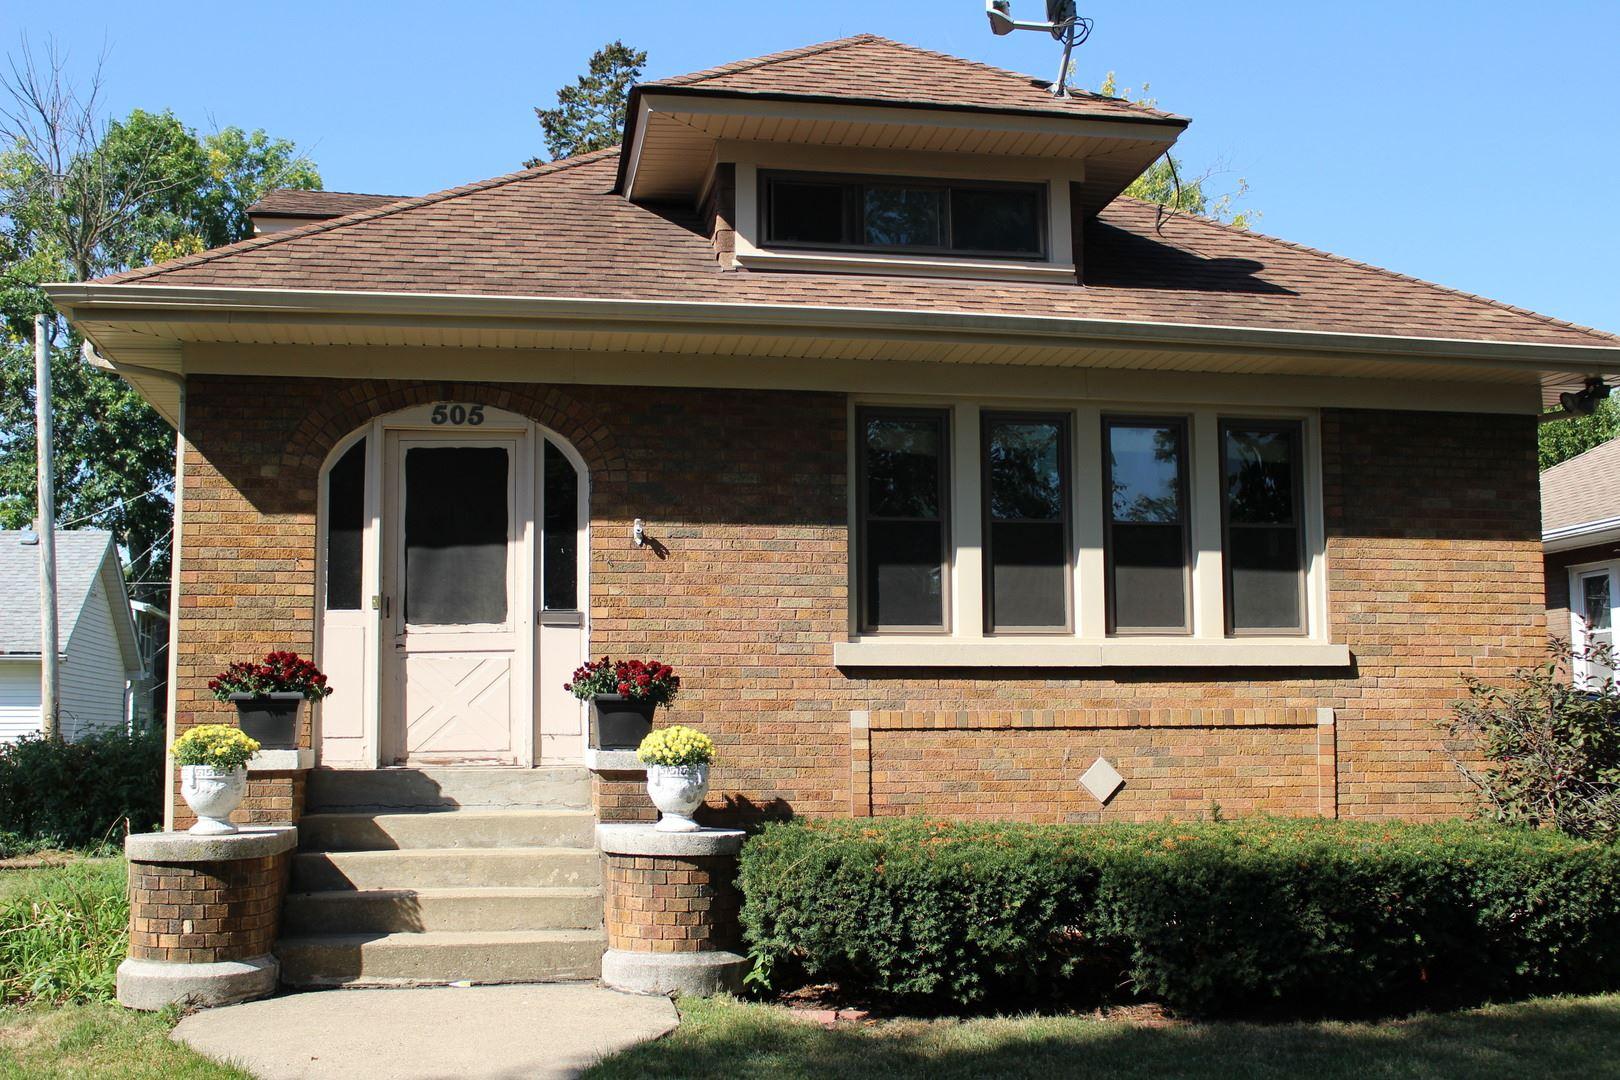 505 Mack Street, Joliet, IL 60435 - #: 11232742